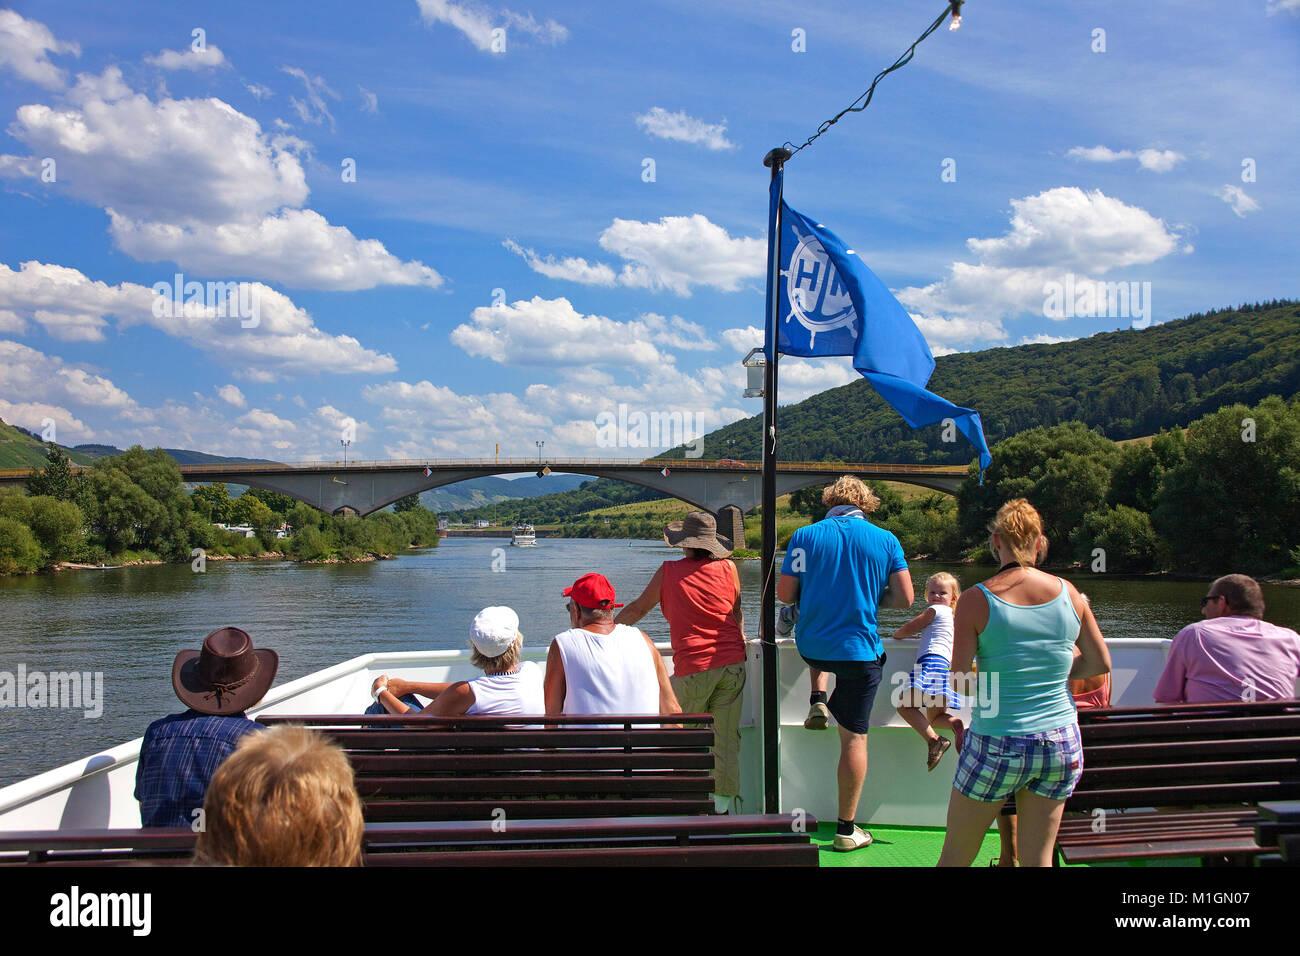 Los turistas de barco de excursión, viaje en barco por el río Mosela, Zeltingen-Rachtig, río Mosela, Imagen De Stock